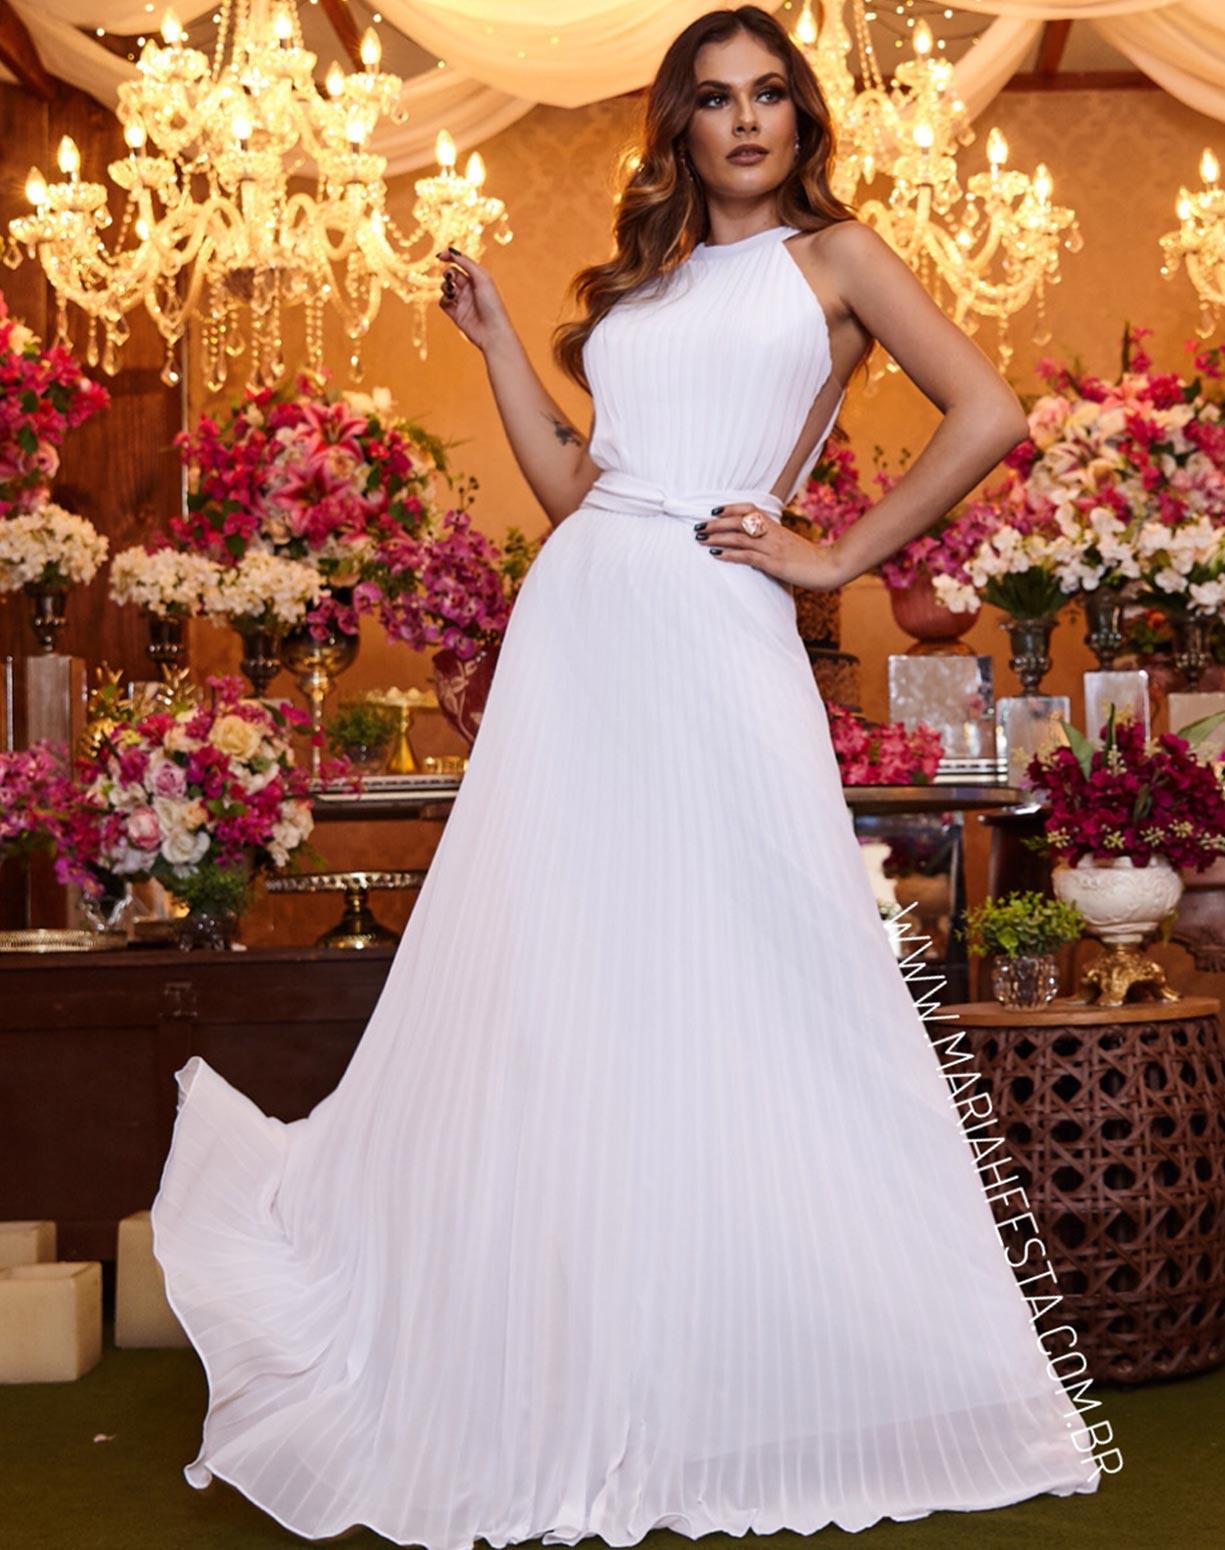 Vestido Branco Plissado com Transparência na Lateral do Corpo